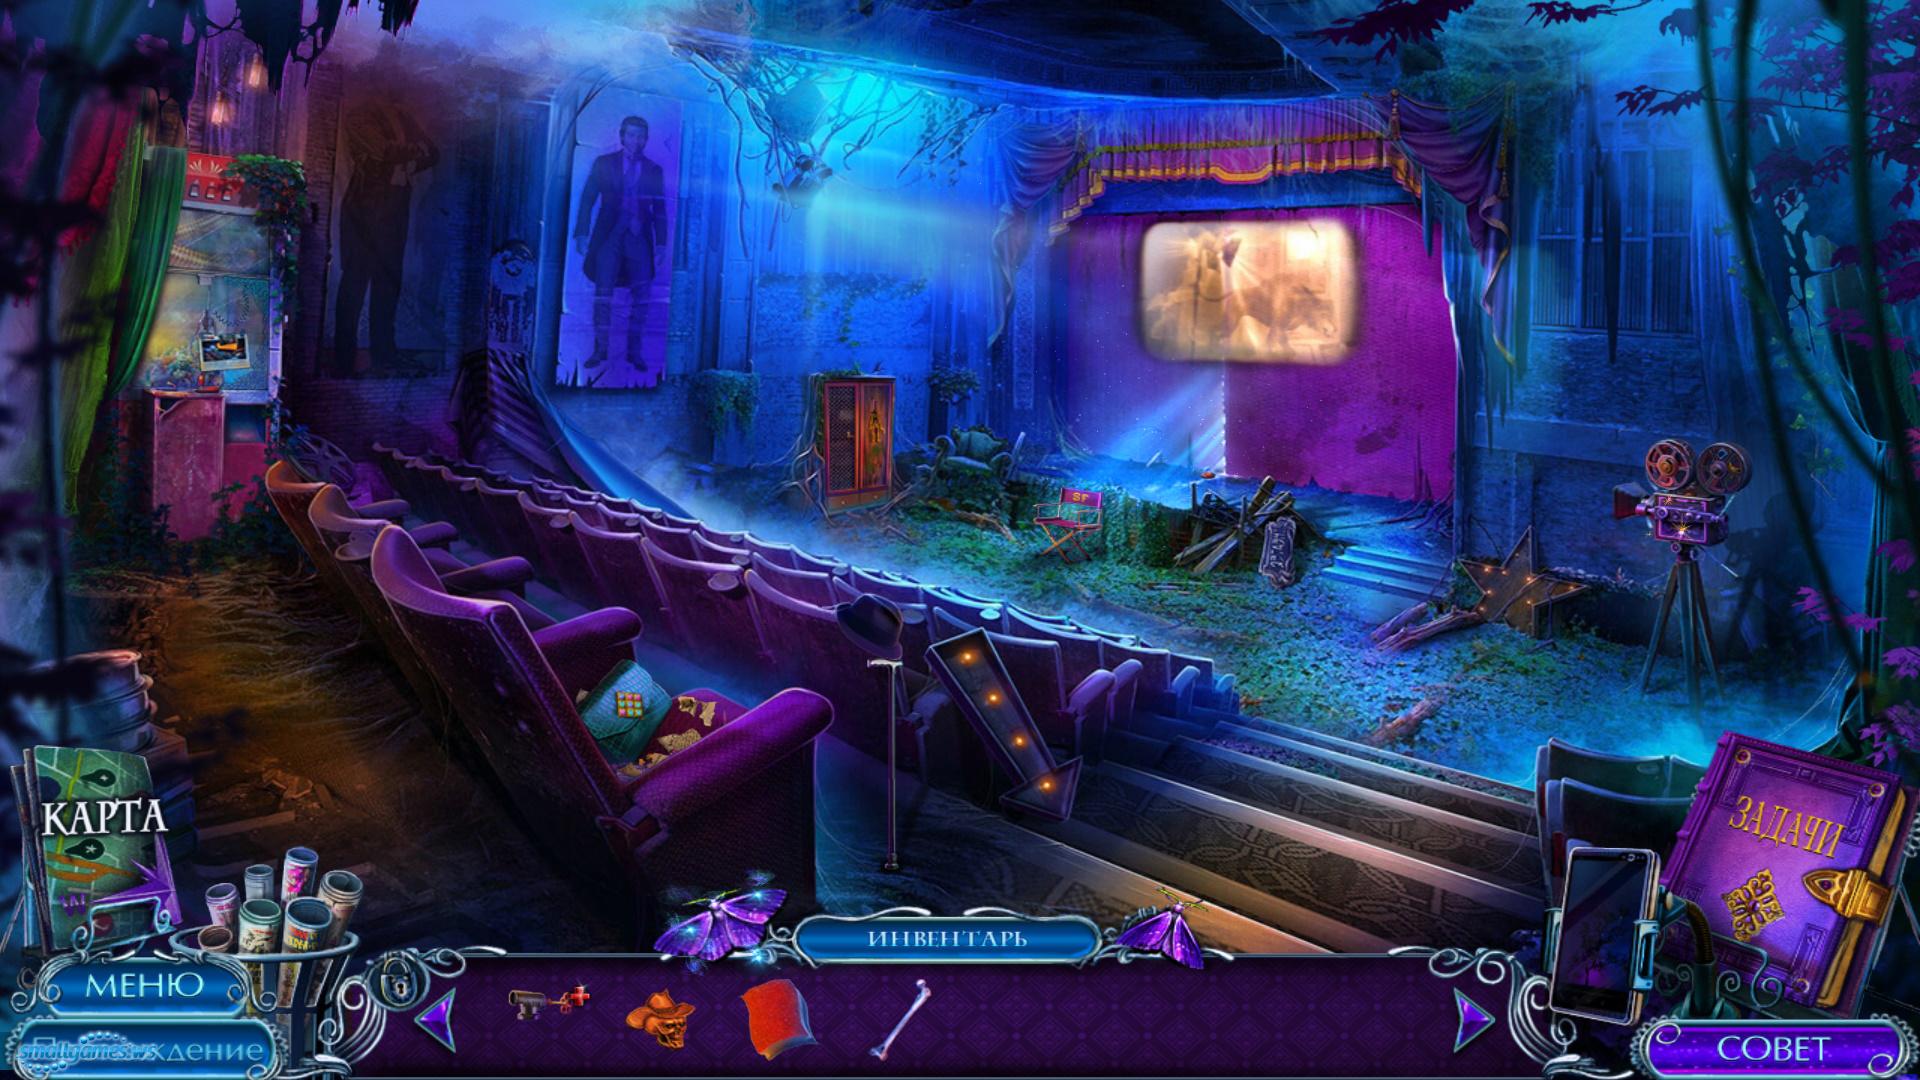 Ужасы horror игры скачать через торрент бесплатно на pc.